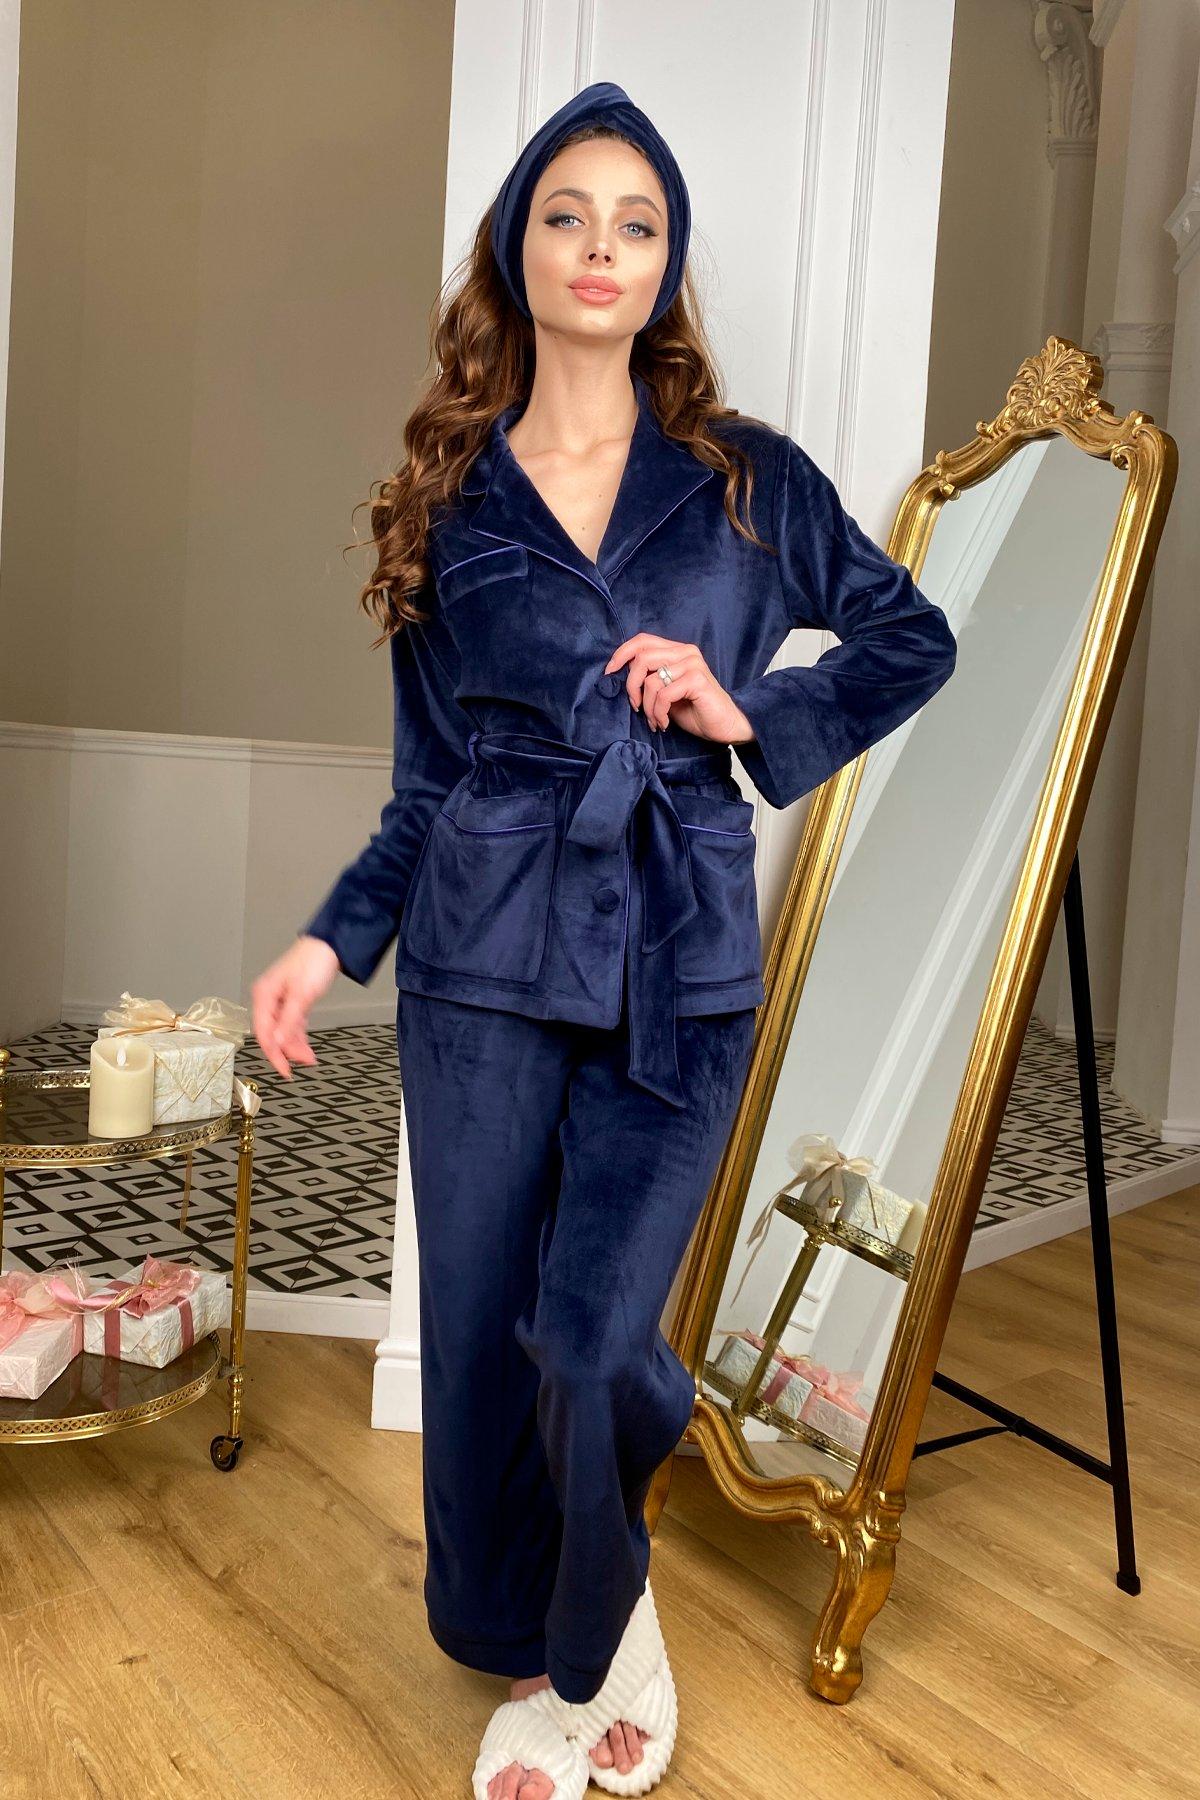 Женские костюмы оптом от производителя Modus Шайн пижама велюр жакет брюки маска для сна 10353